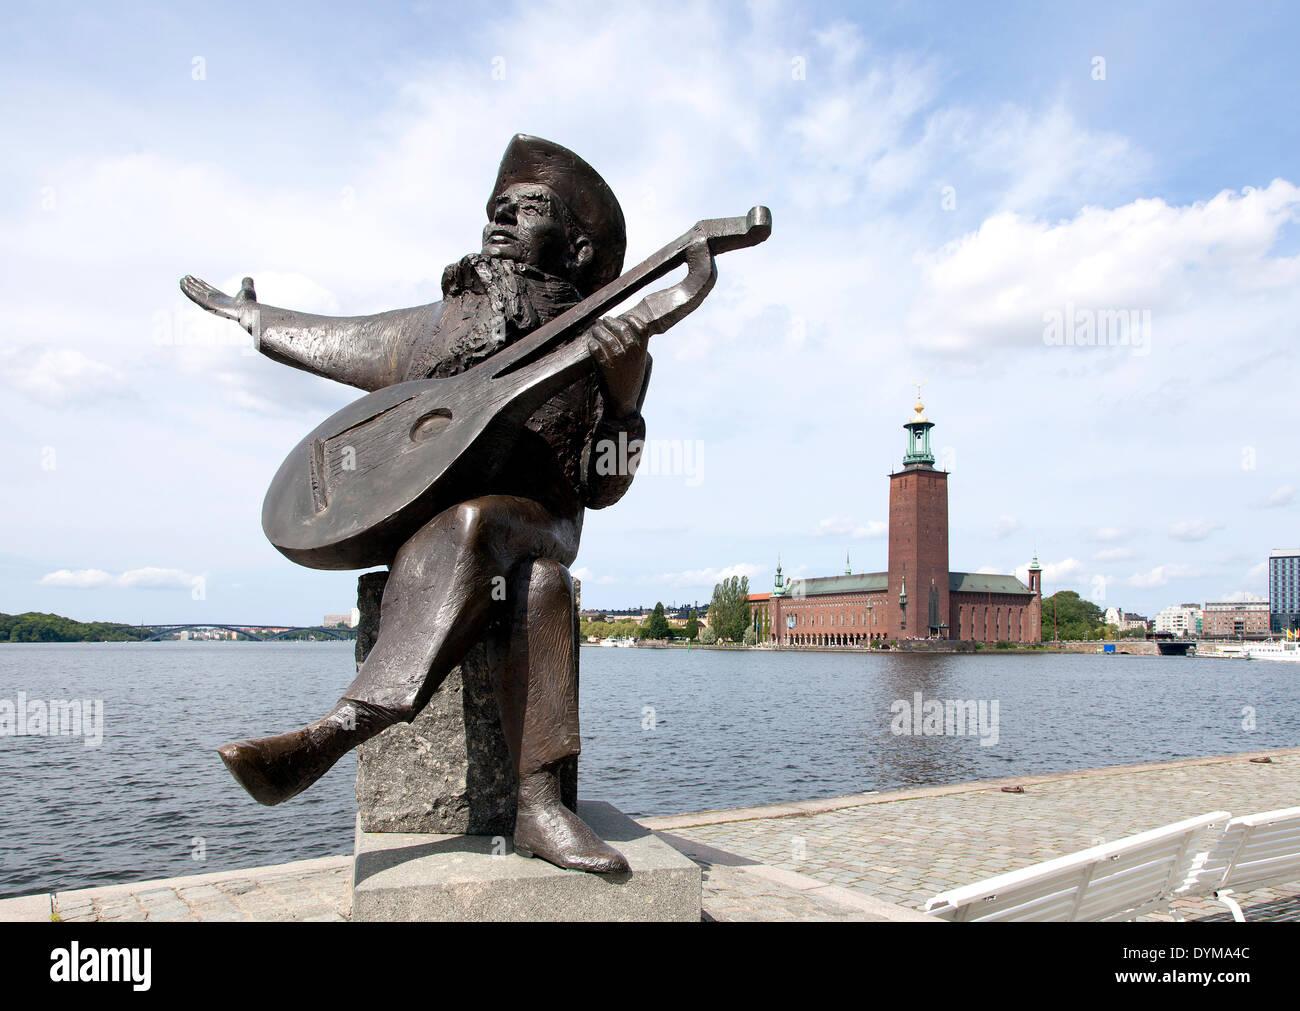 Skulptur von einem Lautenspieler vor Stockholm Rathaus Stockholms Stadshus, Stockholm, Stockholms län, Schweden Stockbild